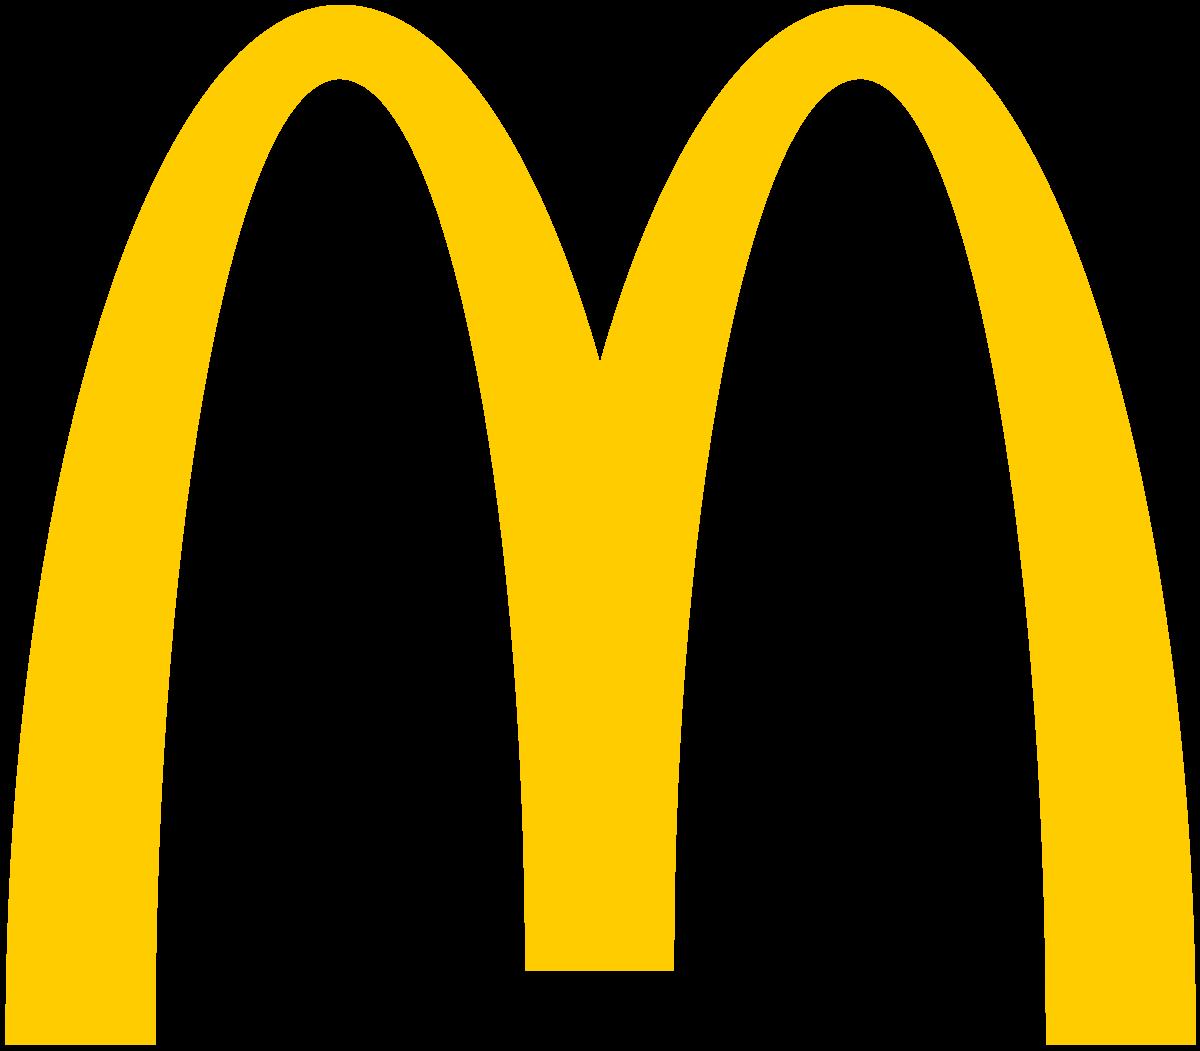 לוגו של מקדונלדס